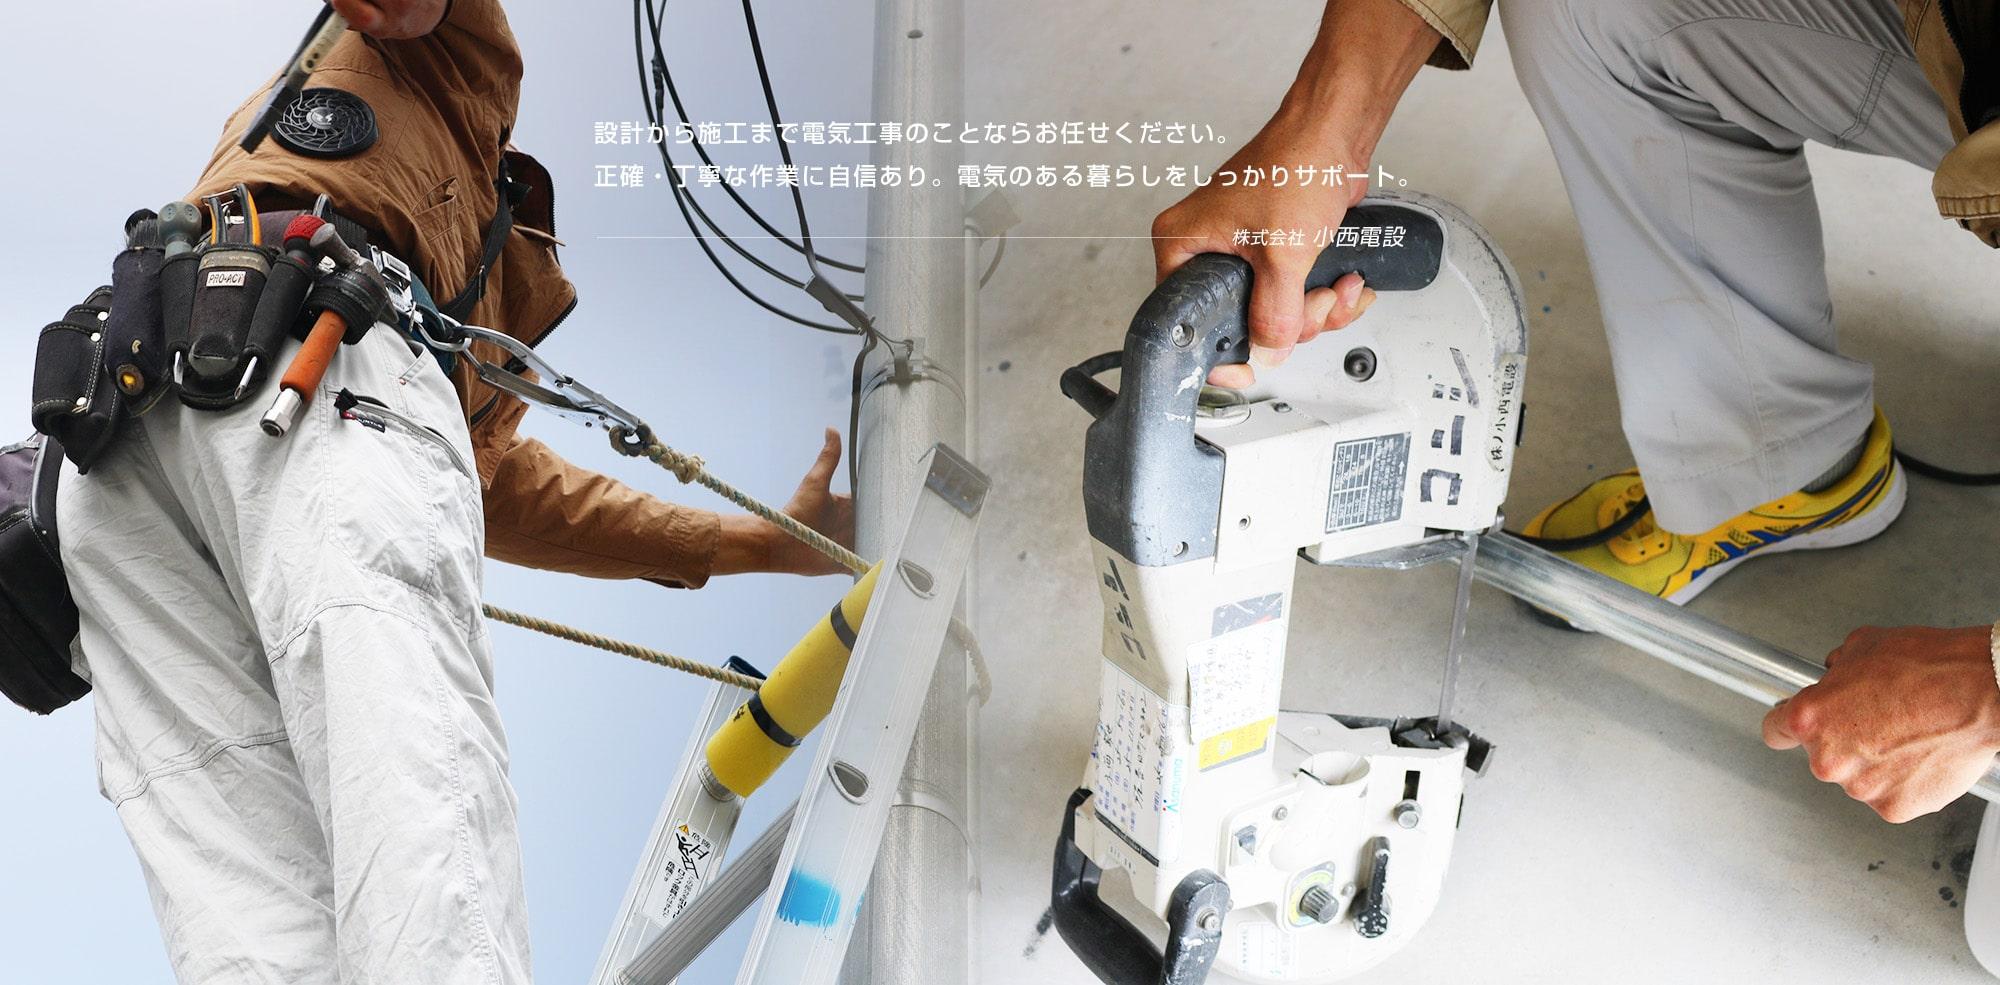 設計から施工まで電気工事のことならお任せください。正確・丁寧な作業に自信あり。電気のある暮らしをしっかりサポート。株式会社小西電設